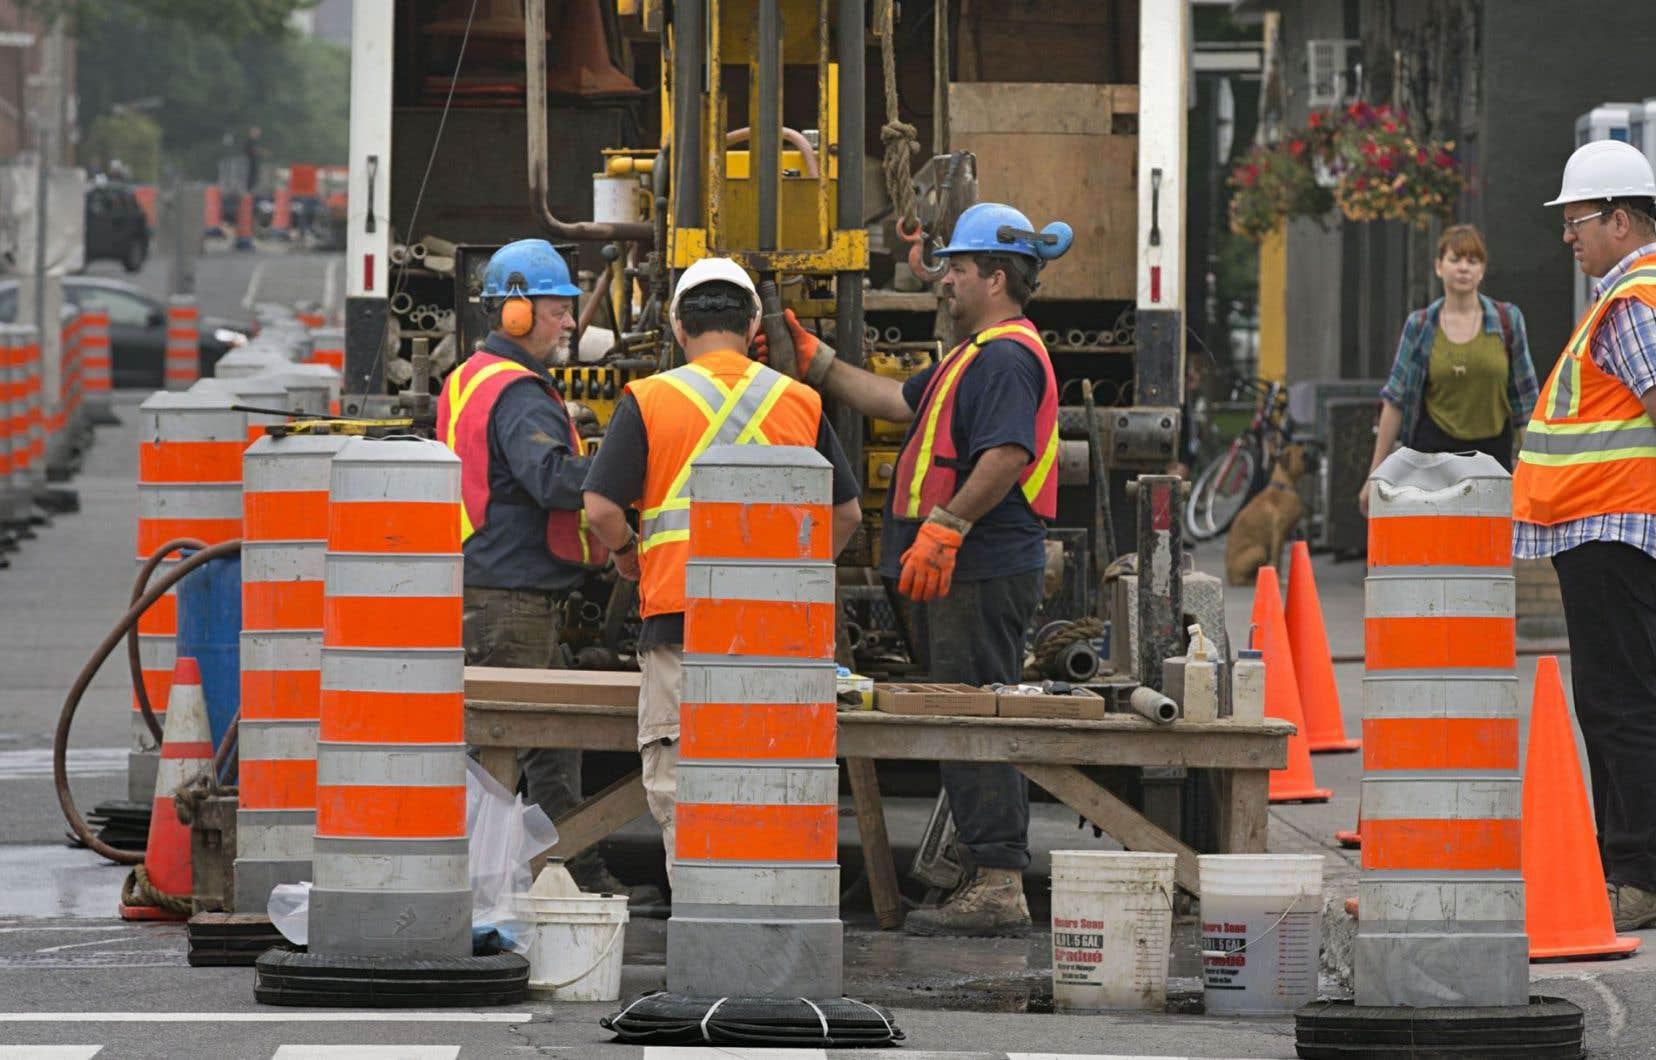 La vaste majorité des employés oeuvrant à des contrats publics dans les secteurs du génie et de la construction travaillent de façon honnête et intègre.